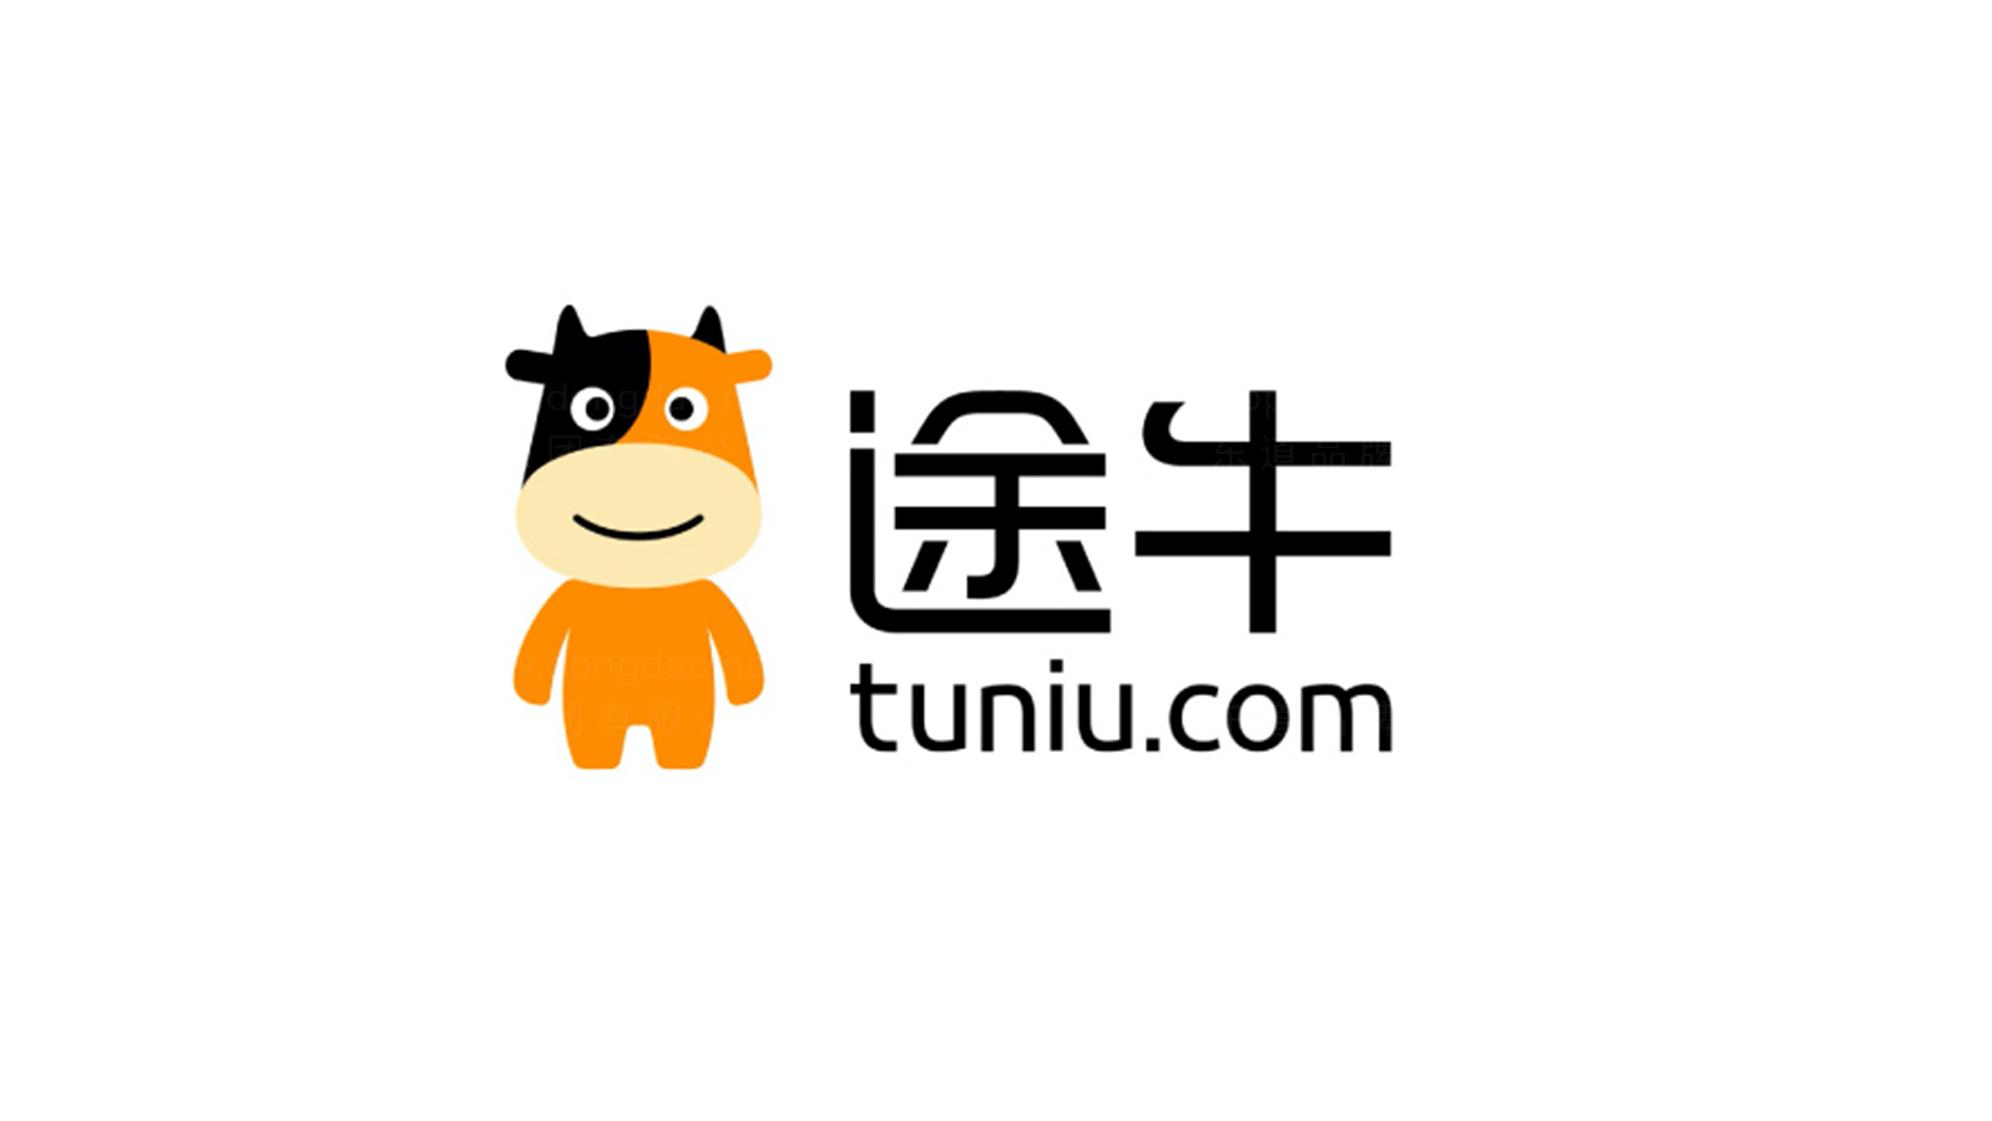 旅游生活品牌设计途牛旅游网LOGO&VI设计